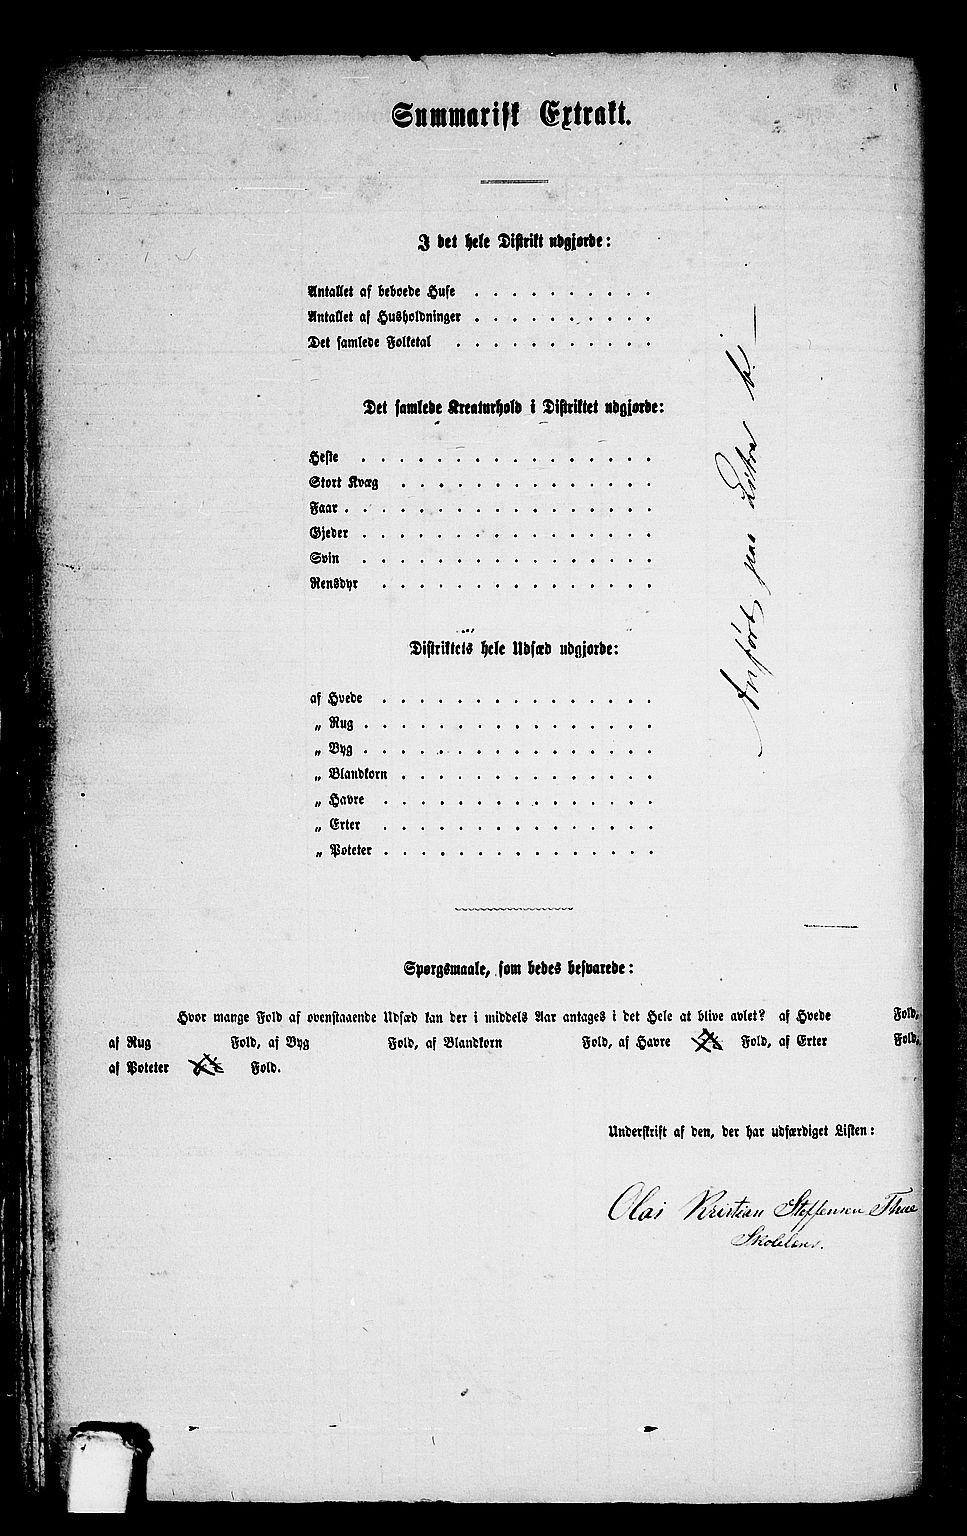 RA, Folketelling 1865 for 1511P Vanylven prestegjeld, 1865, s. 67